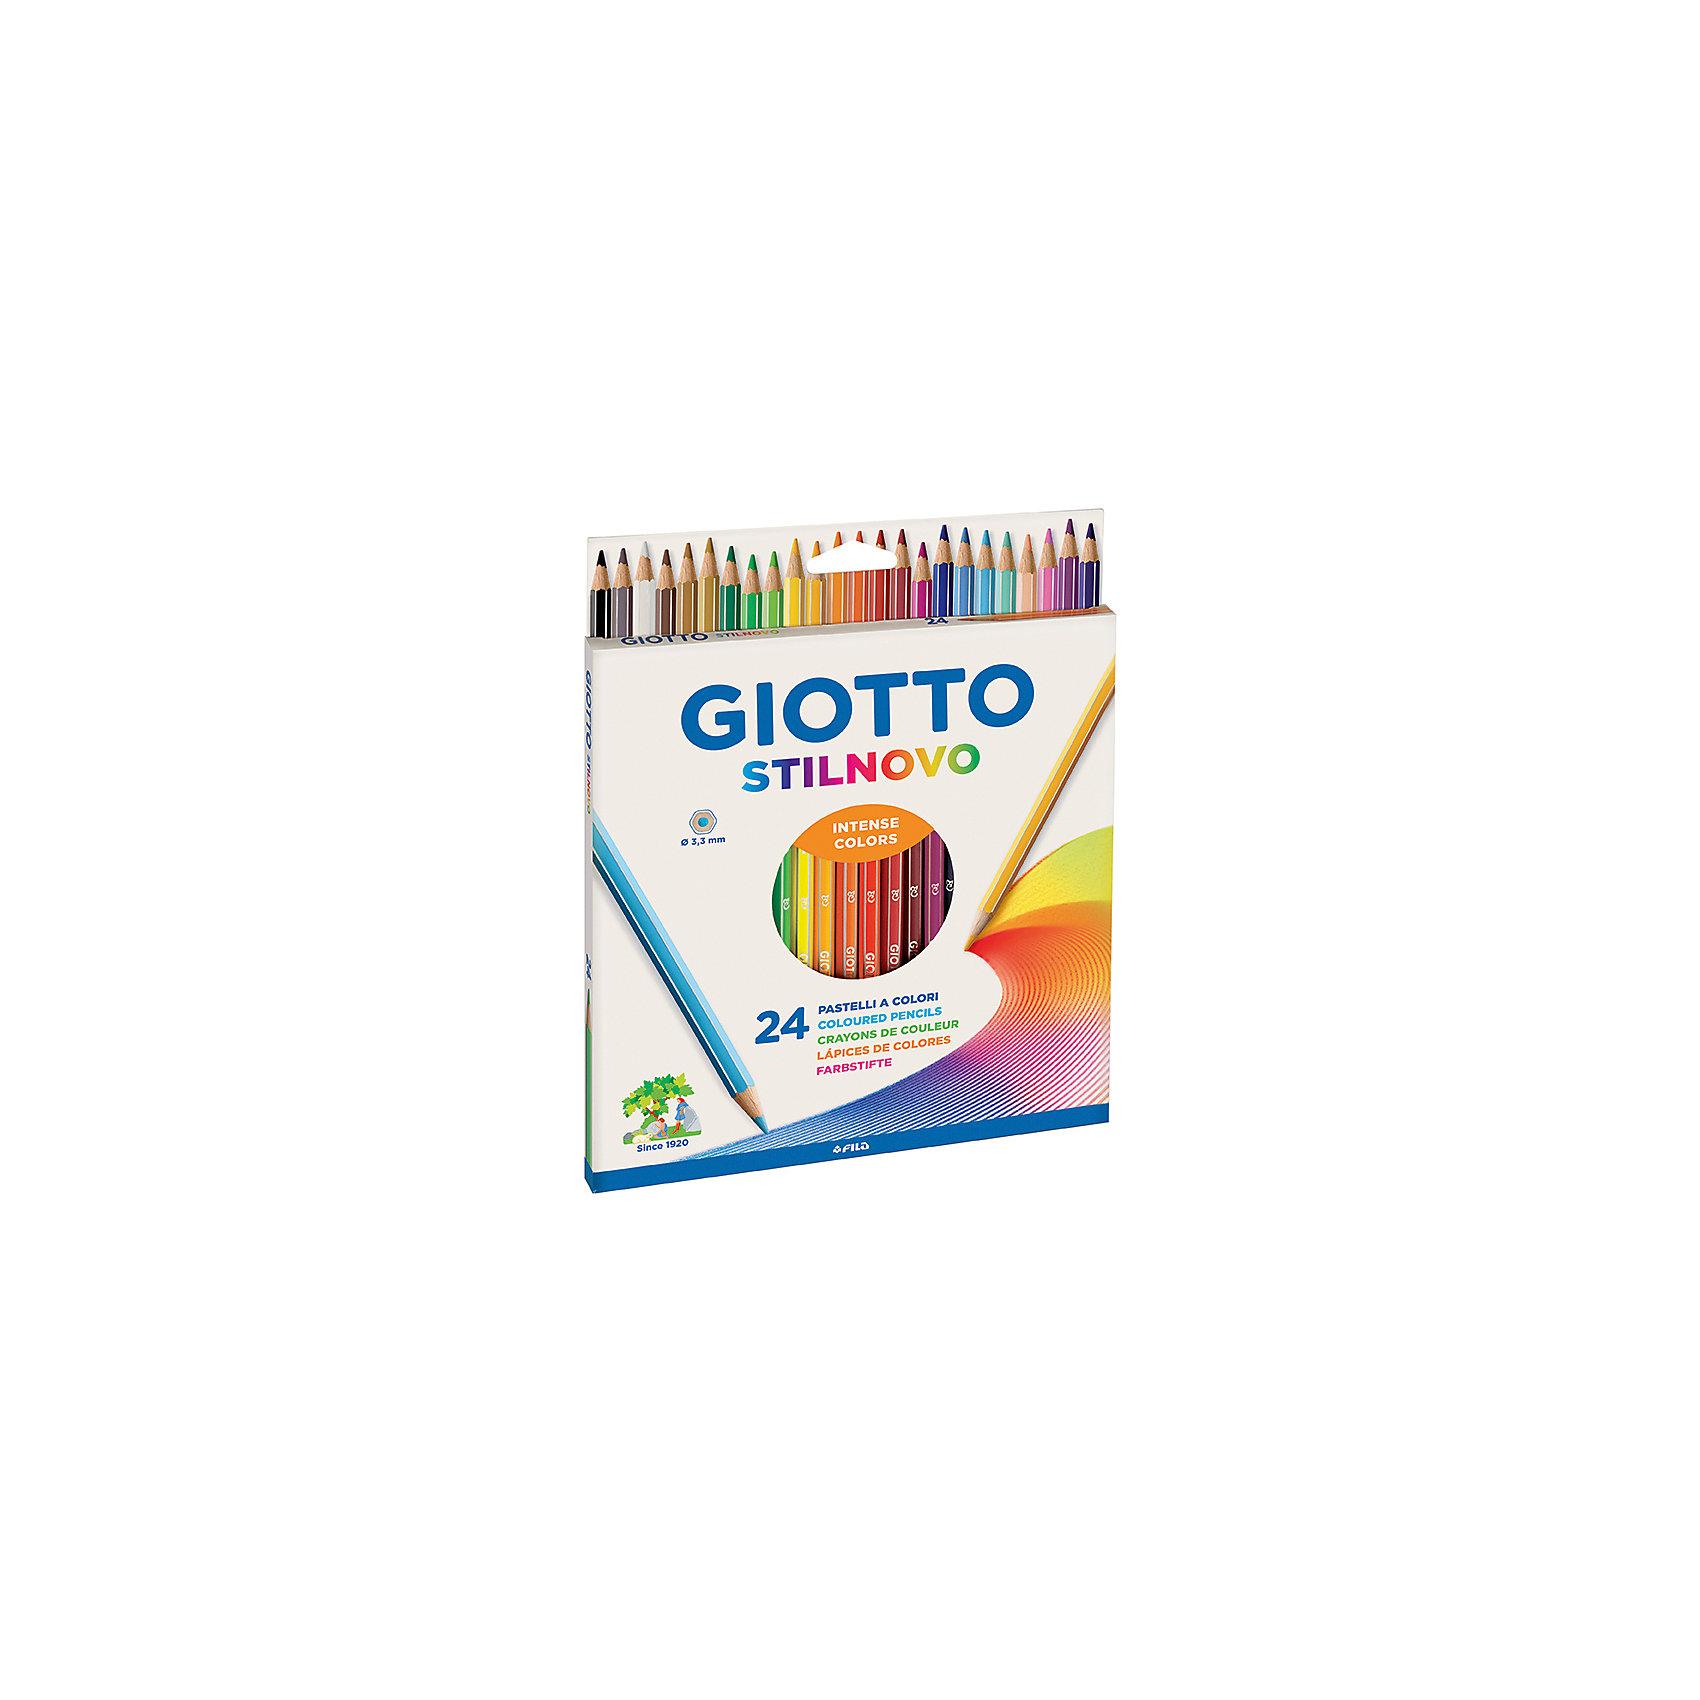 Цветные карандаши, 24 шт.Рисование<br>Цветные деревянные карандашии, 24 шт. Гексагональной формы. Изготовлены из сертифицированной древесины. Легко и экономично затачиваются, не крошатся. Толщина грифеля - 3,3 мм. Яркие насыщенные цвета, максимально мягкое рисование. На корпусе карандаша имеется место для персонализации. Идеально подходят для школы.<br><br>Ширина мм: 185<br>Глубина мм: 20<br>Высота мм: 172<br>Вес г: 160<br>Возраст от месяцев: 72<br>Возраст до месяцев: 120<br>Пол: Унисекс<br>Возраст: Детский<br>SKU: 5107784